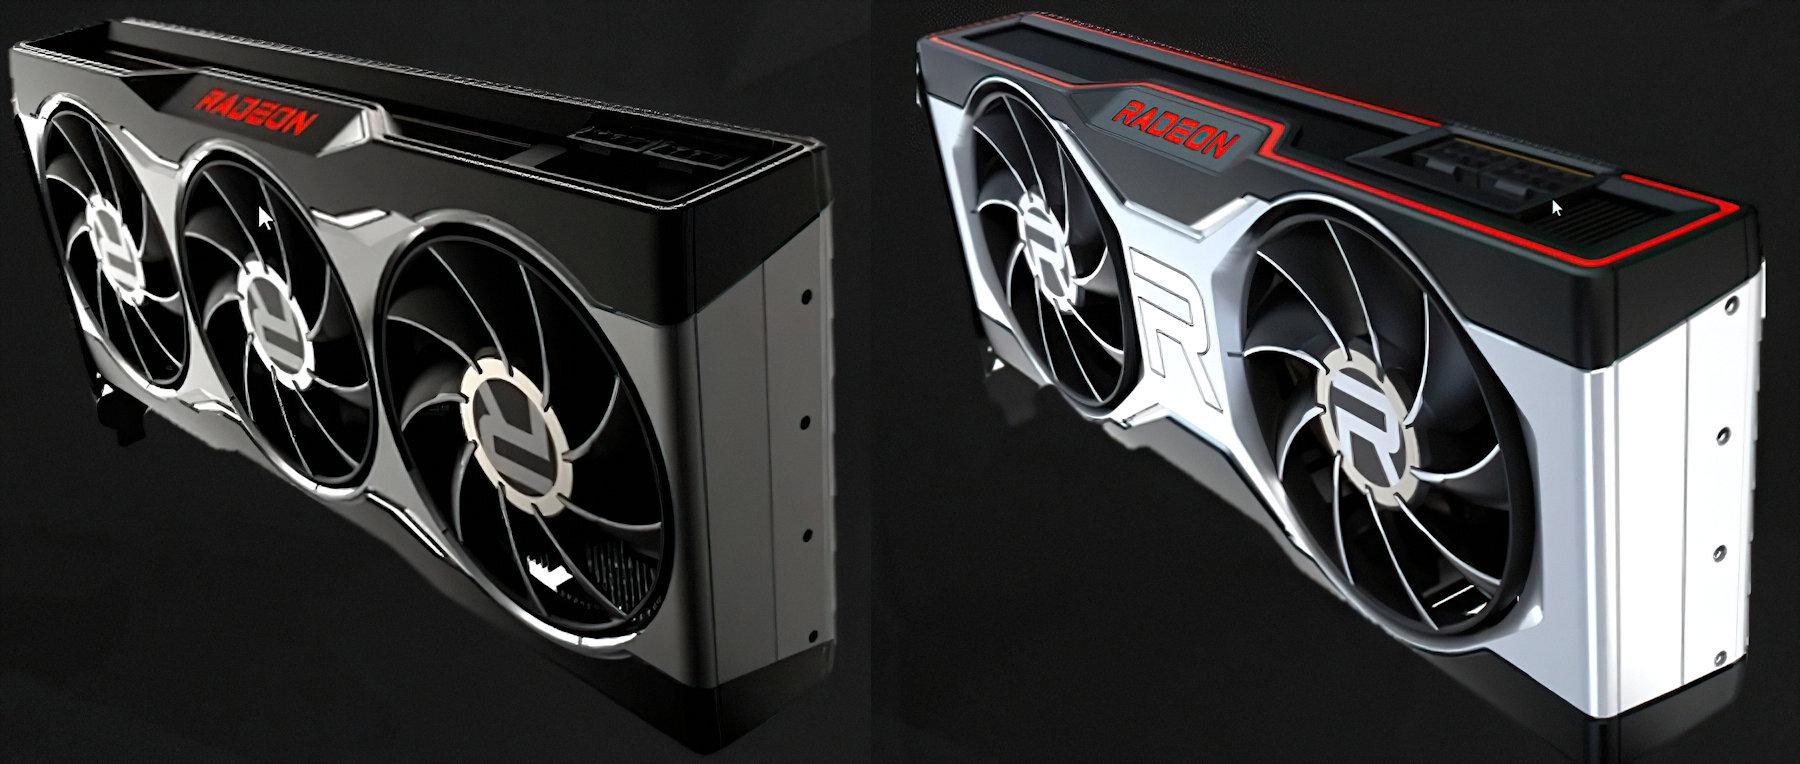 Новое поколение видеокарт AMD может оказаться слабее ожидаемого